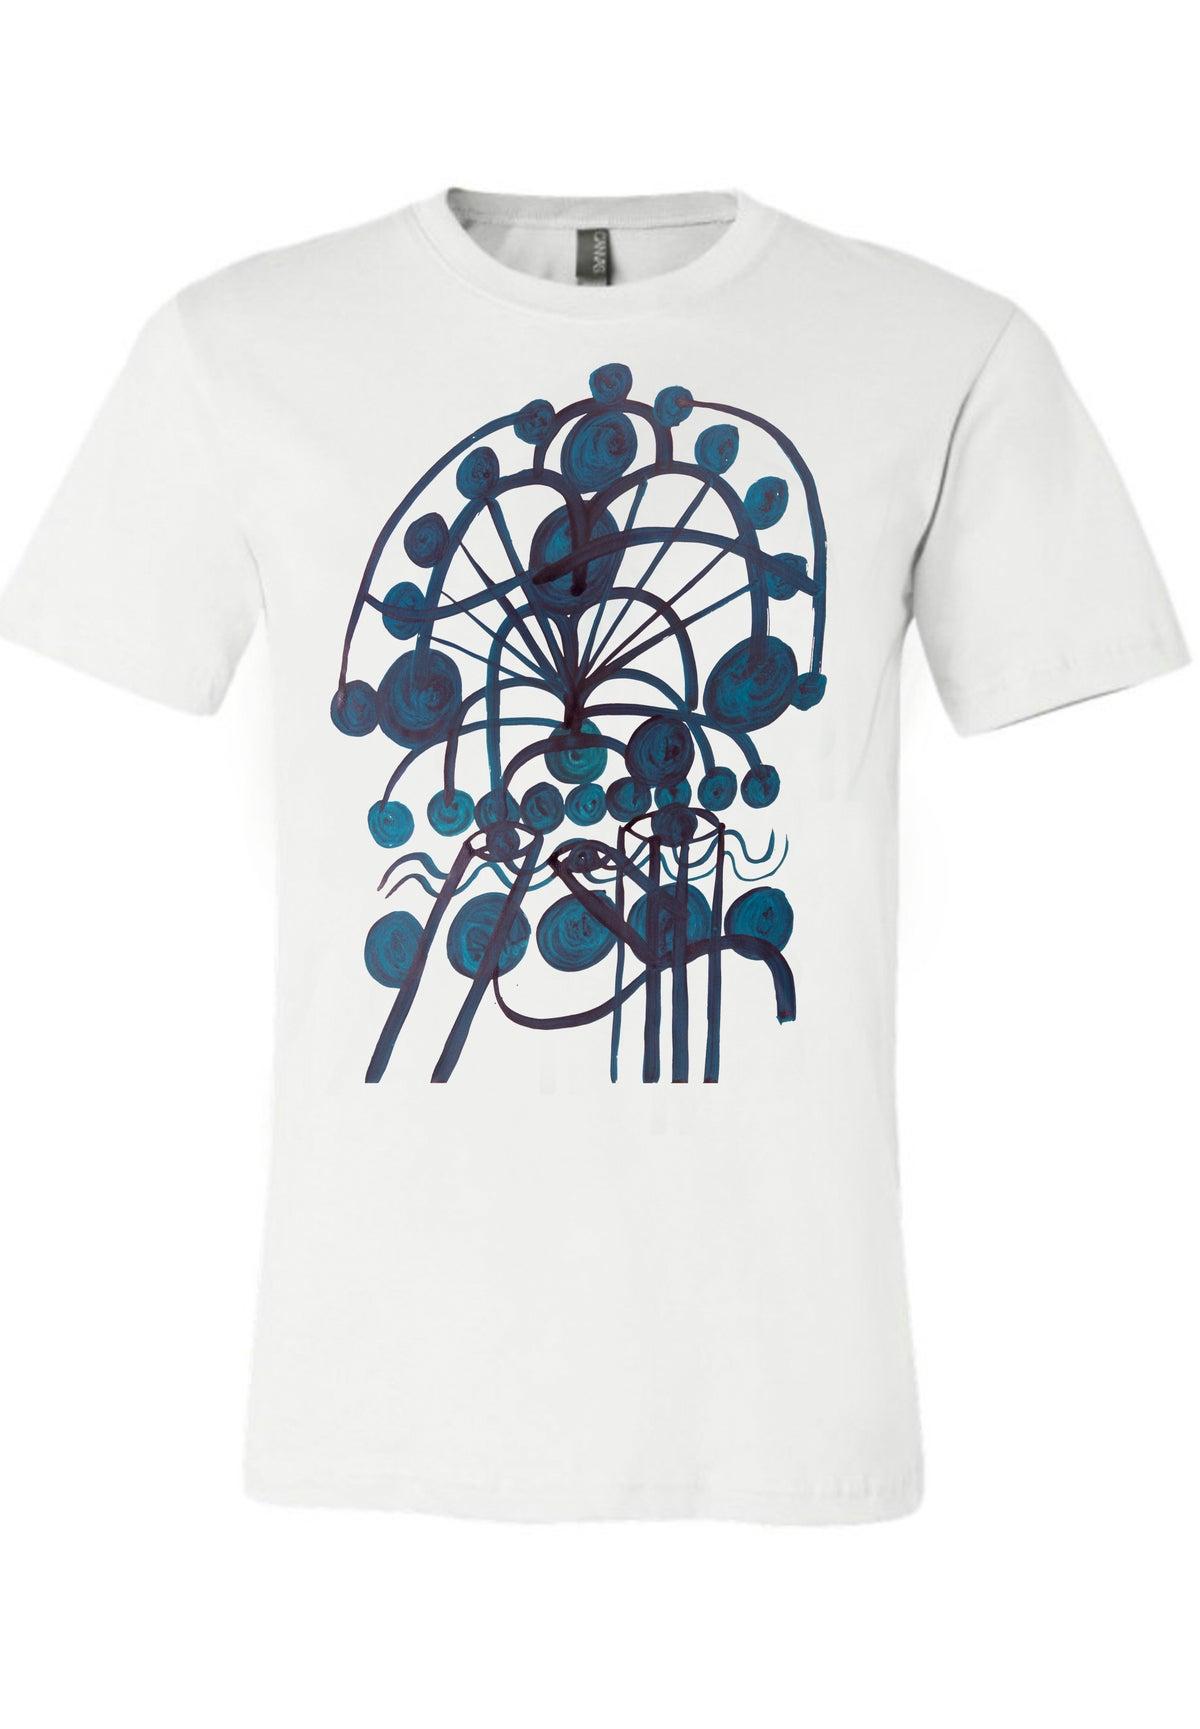 Image of Morning Sunrise T-Shirt